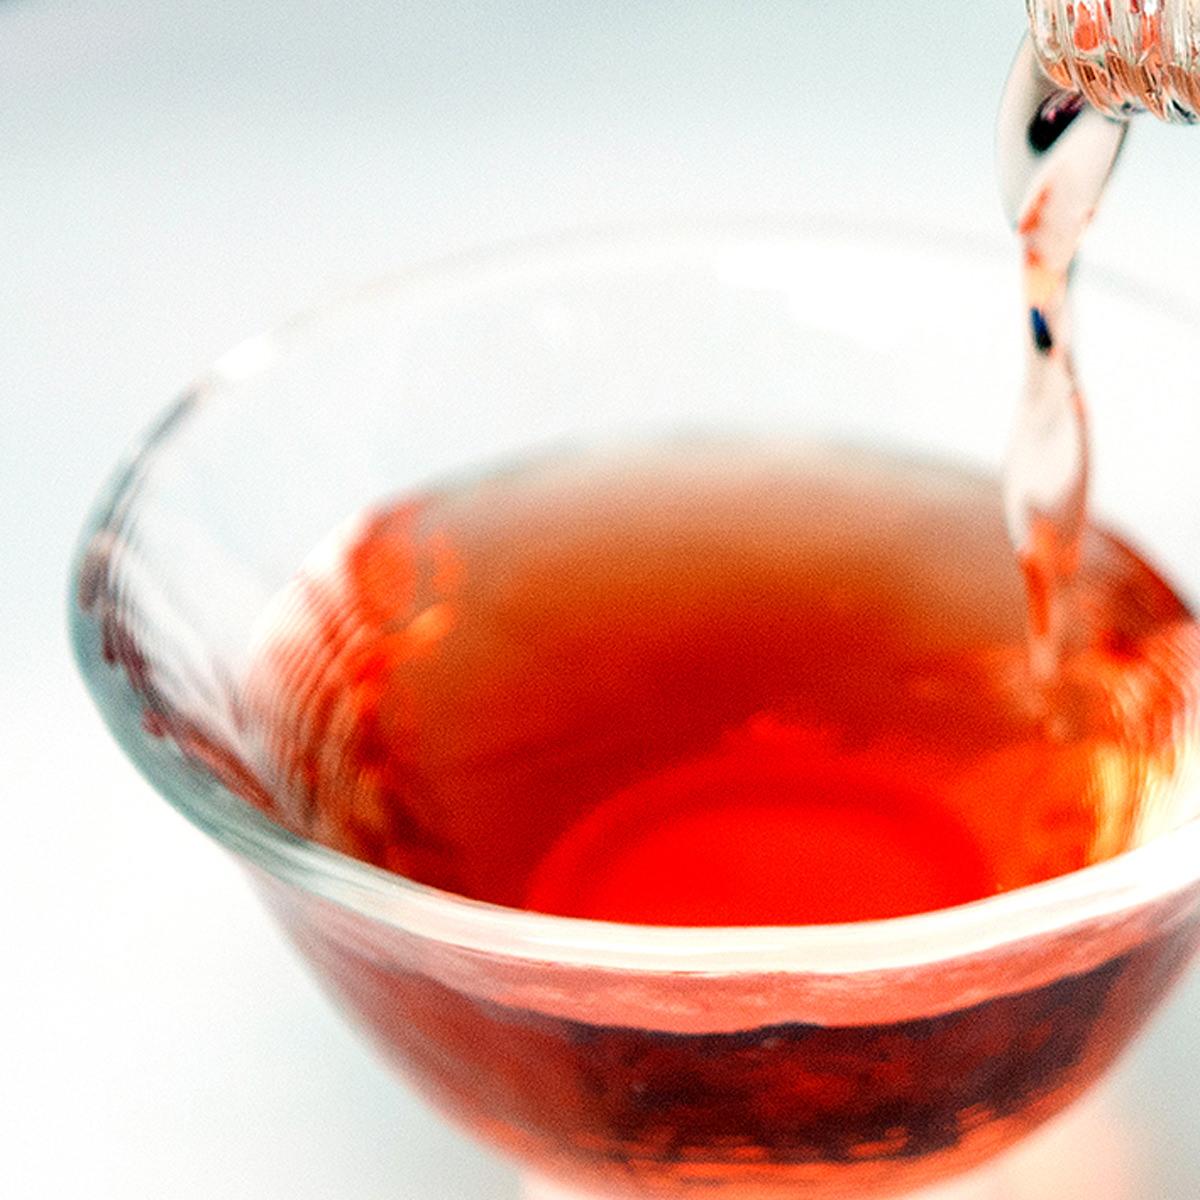 紀州本庄うめよし 梅酒(壱 縁)720ml 箱入〔梅酒(壱)720ml×1・梅酒(縁)720ml×1〕